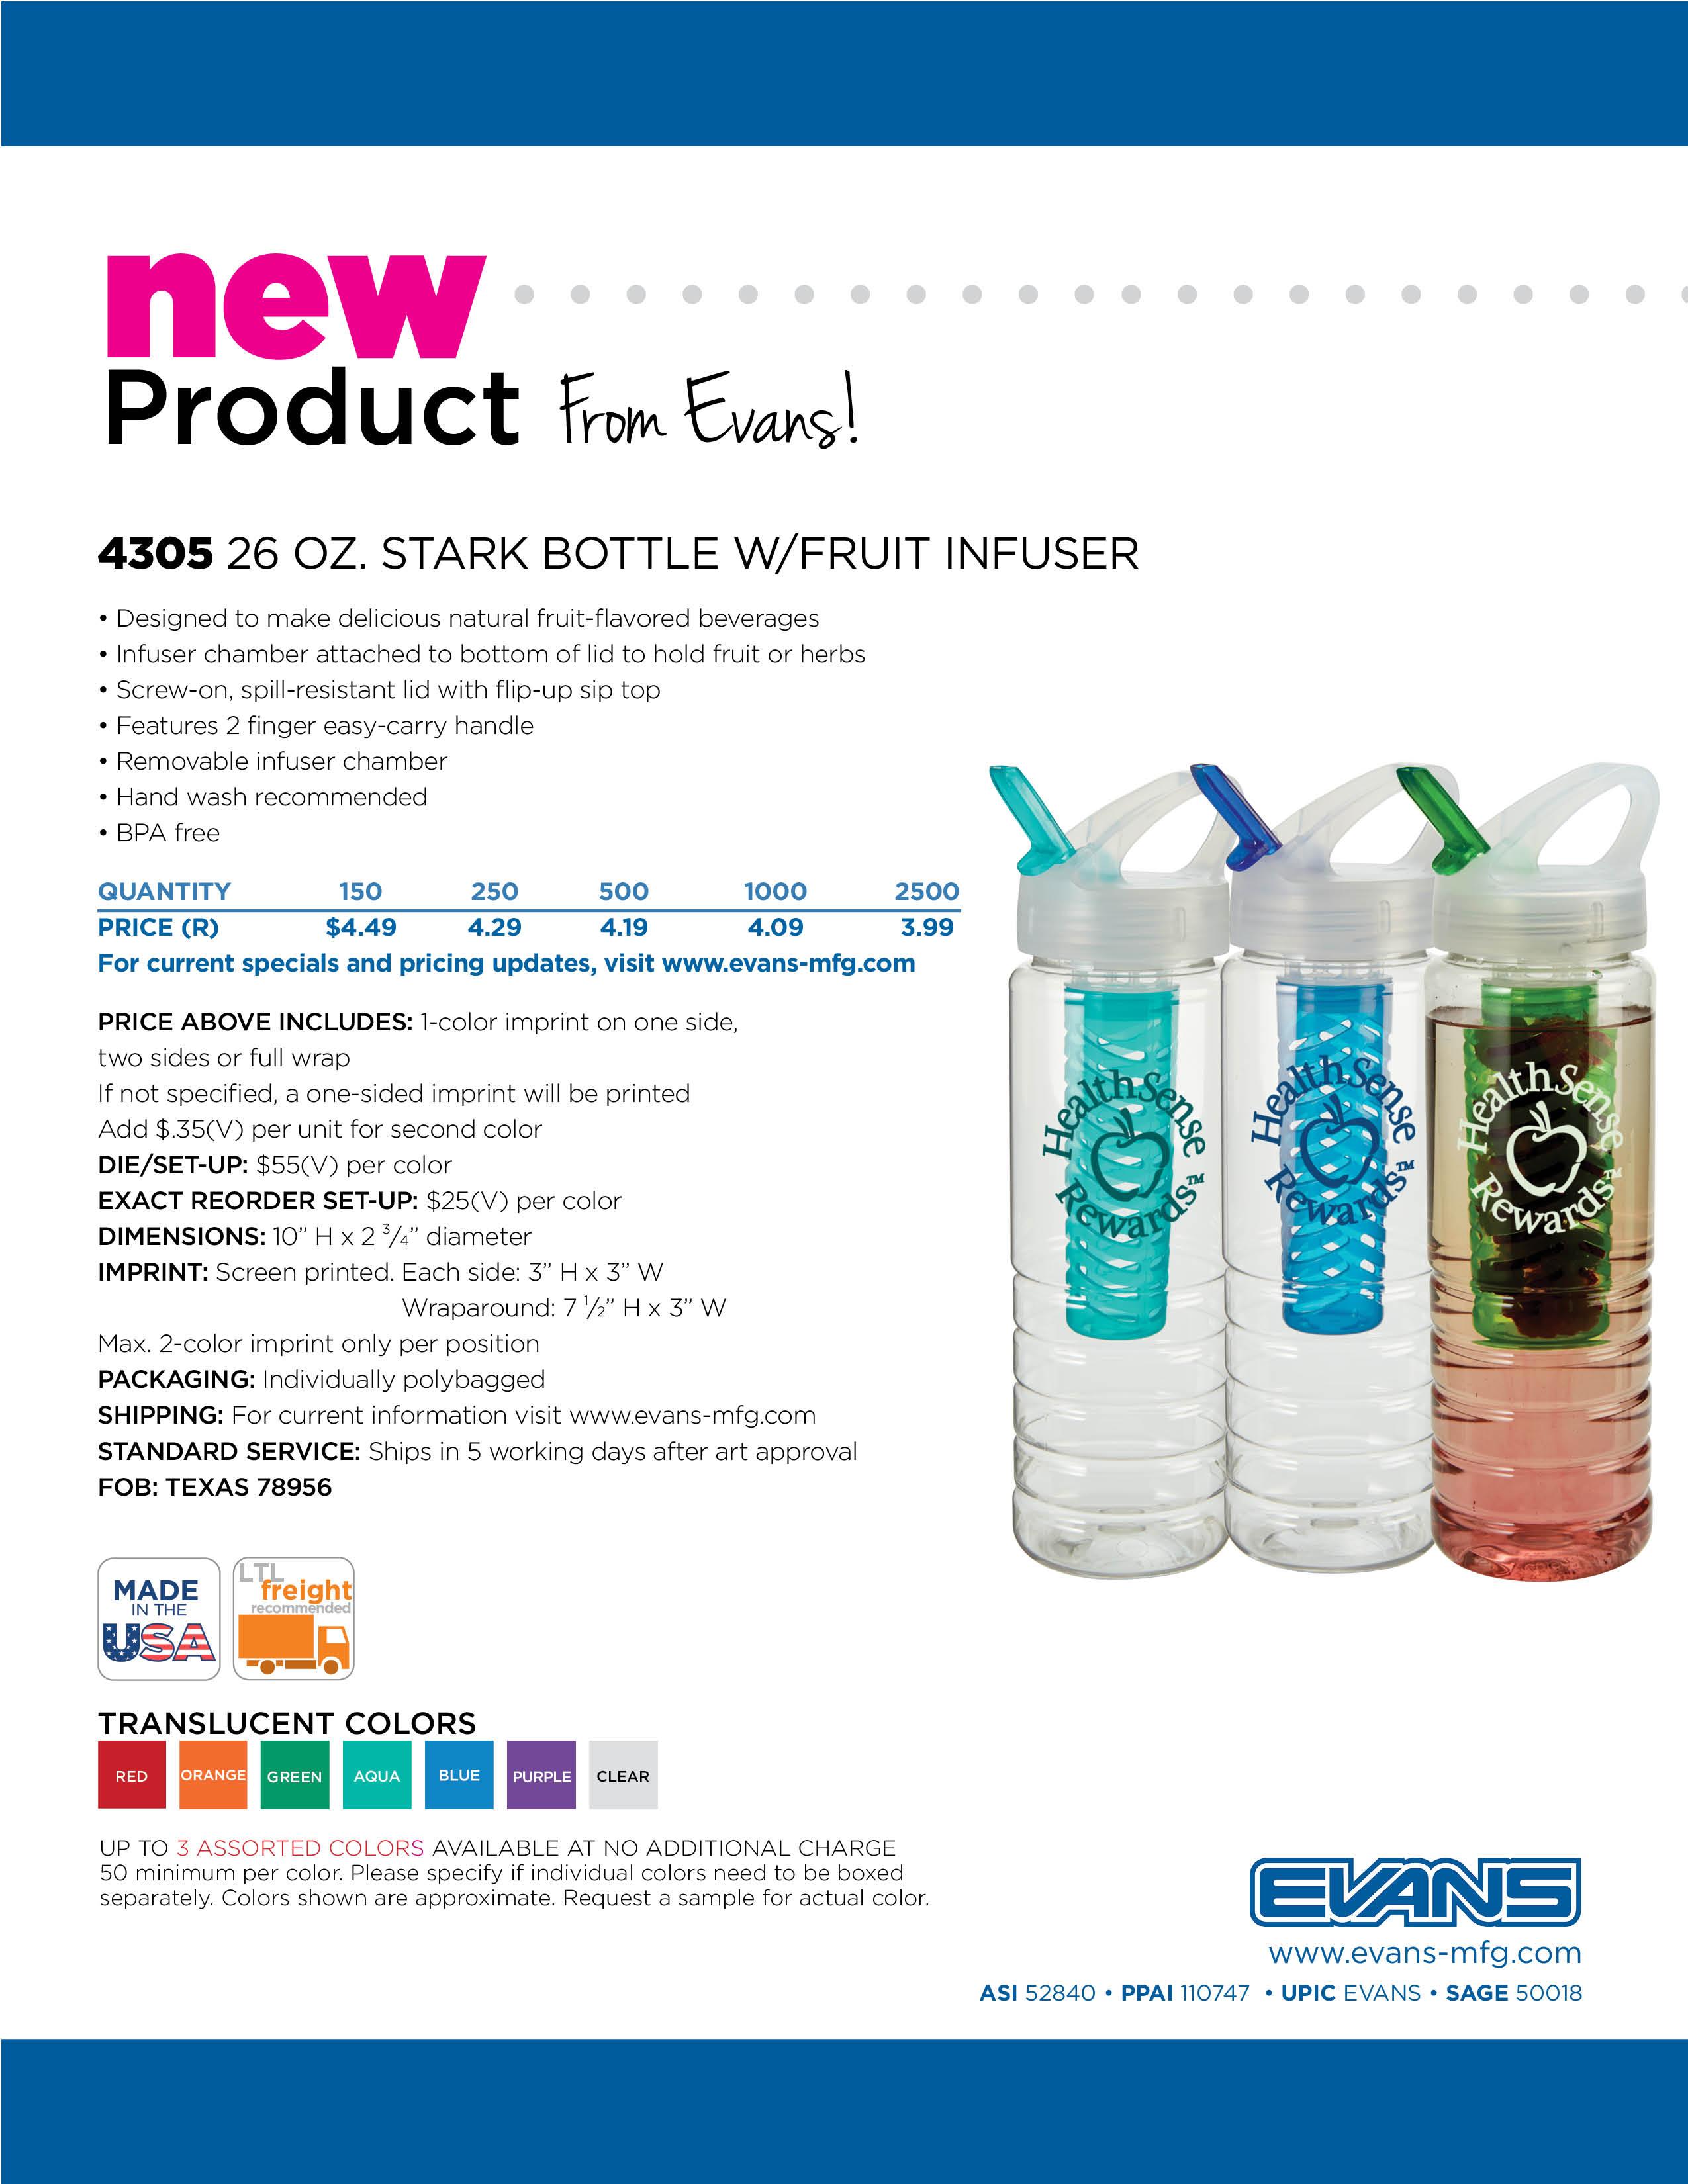 4305 26 oz. Stark Bottle w/Fruit Infuser